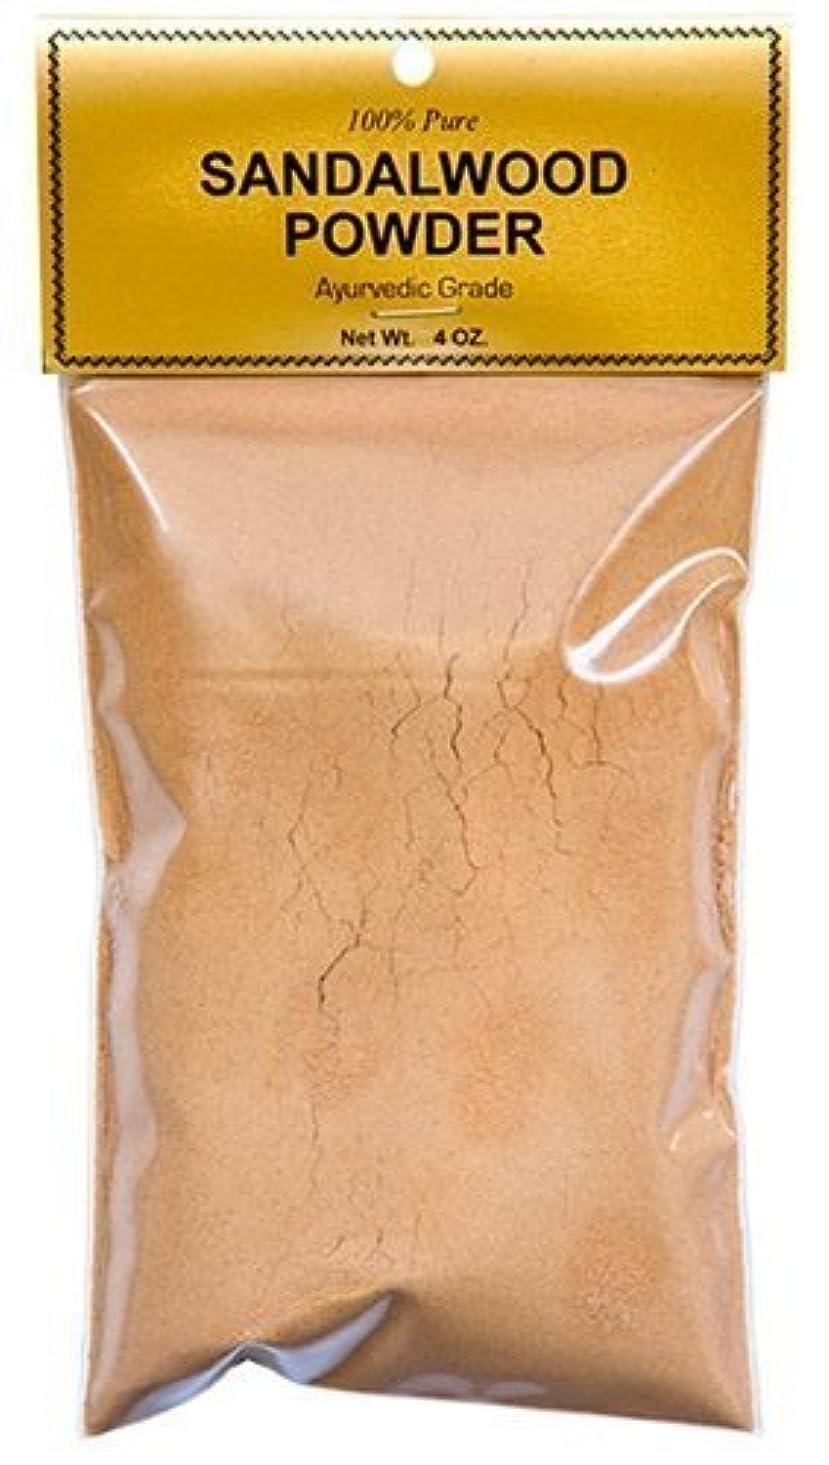 サミュエル宿命カートPure Sandalwood Powder - Four Ounce Bag by Sandalwood [並行輸入品]